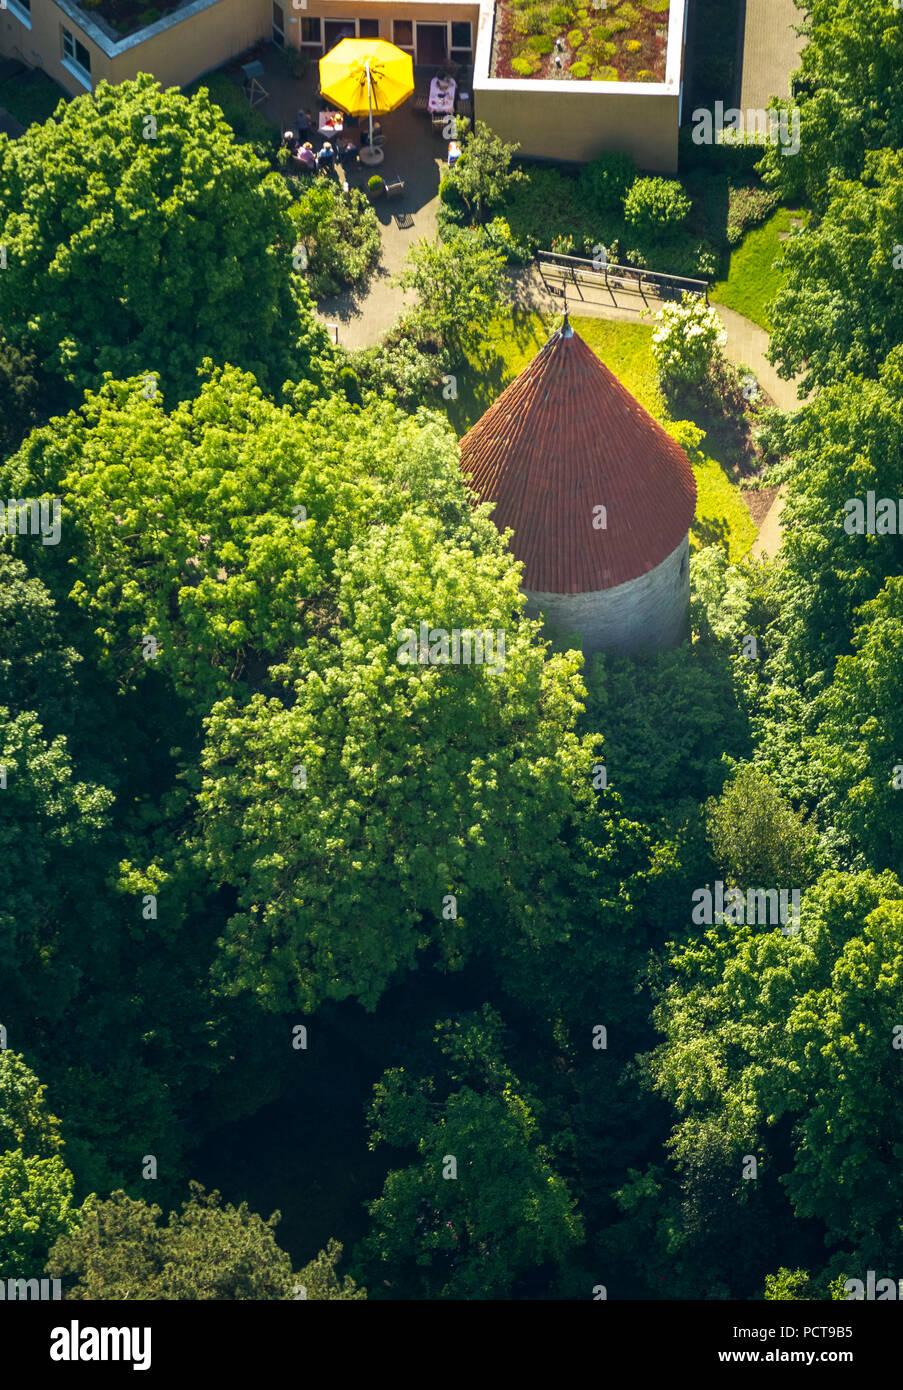 Bentheimer Turm, Warendorf, Disrict Stadt Warendorf, Nordrhein-Westfalen, Deutschland Stockfoto